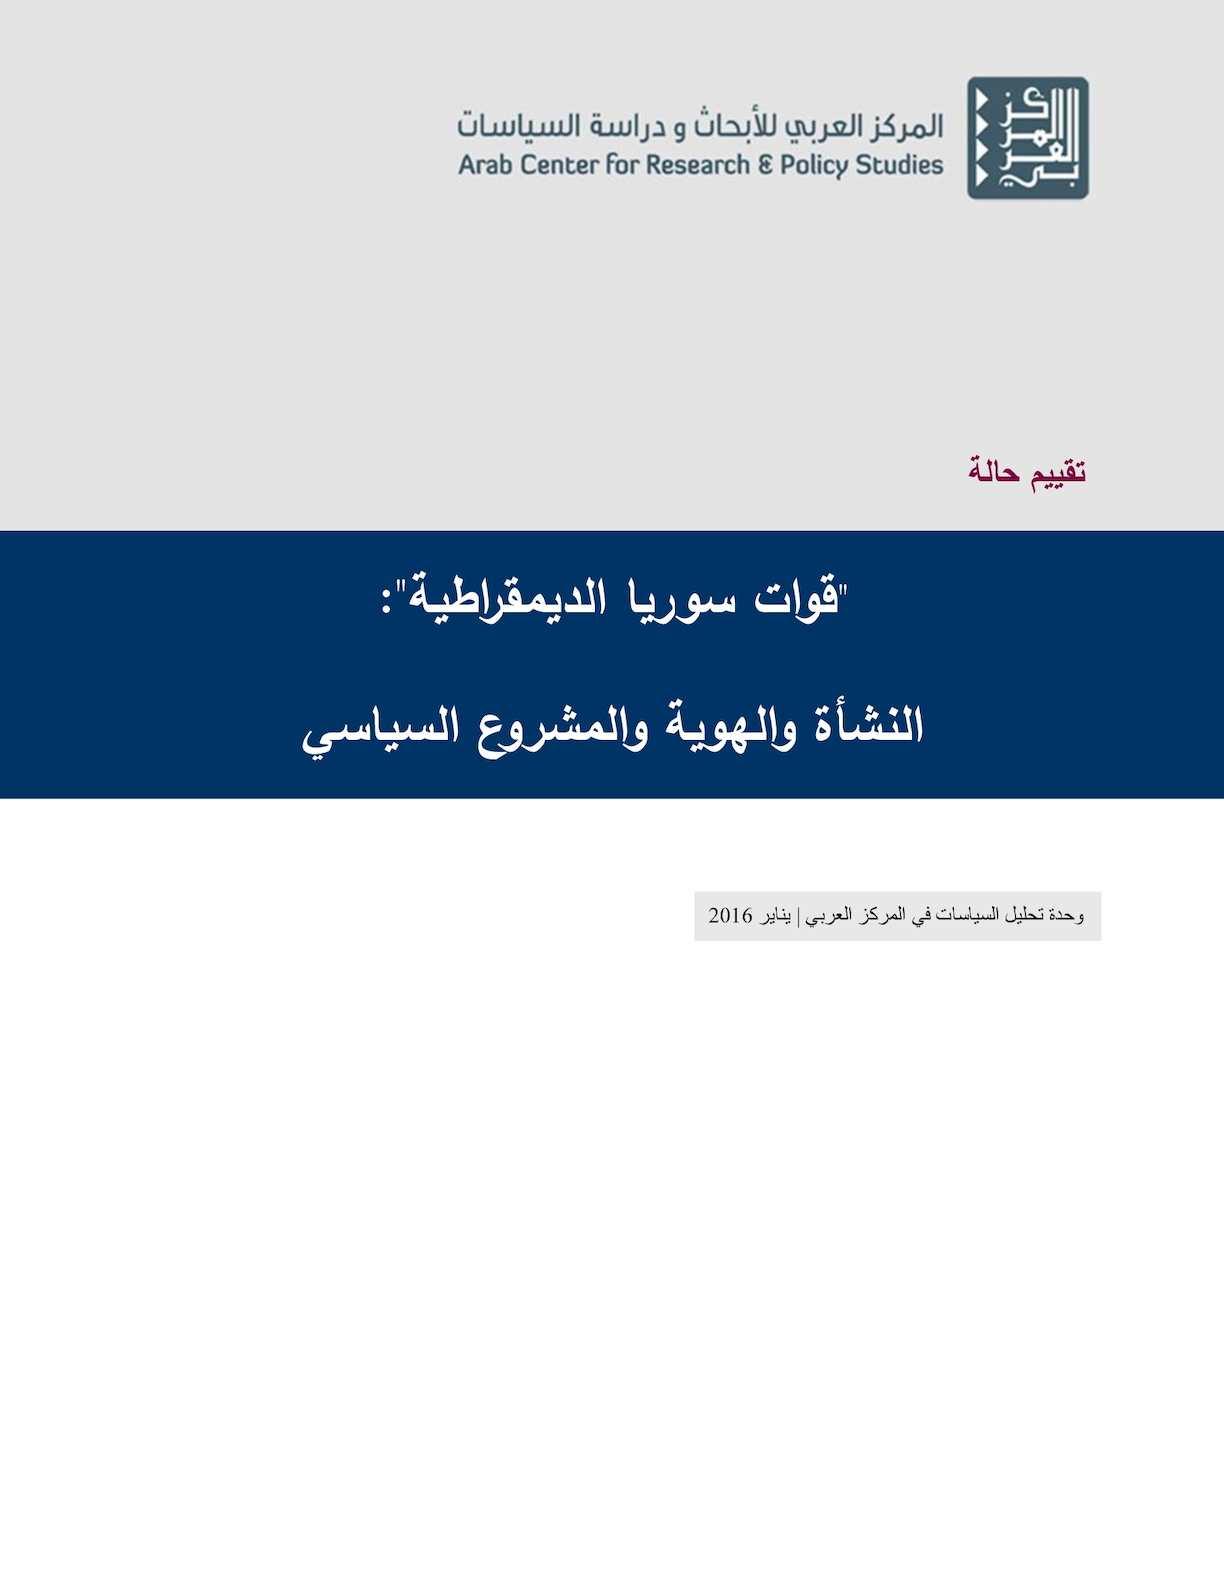 """""""قوات سوريا الديمقراطية"""": النشأة والهوية والمشروع السياسي"""